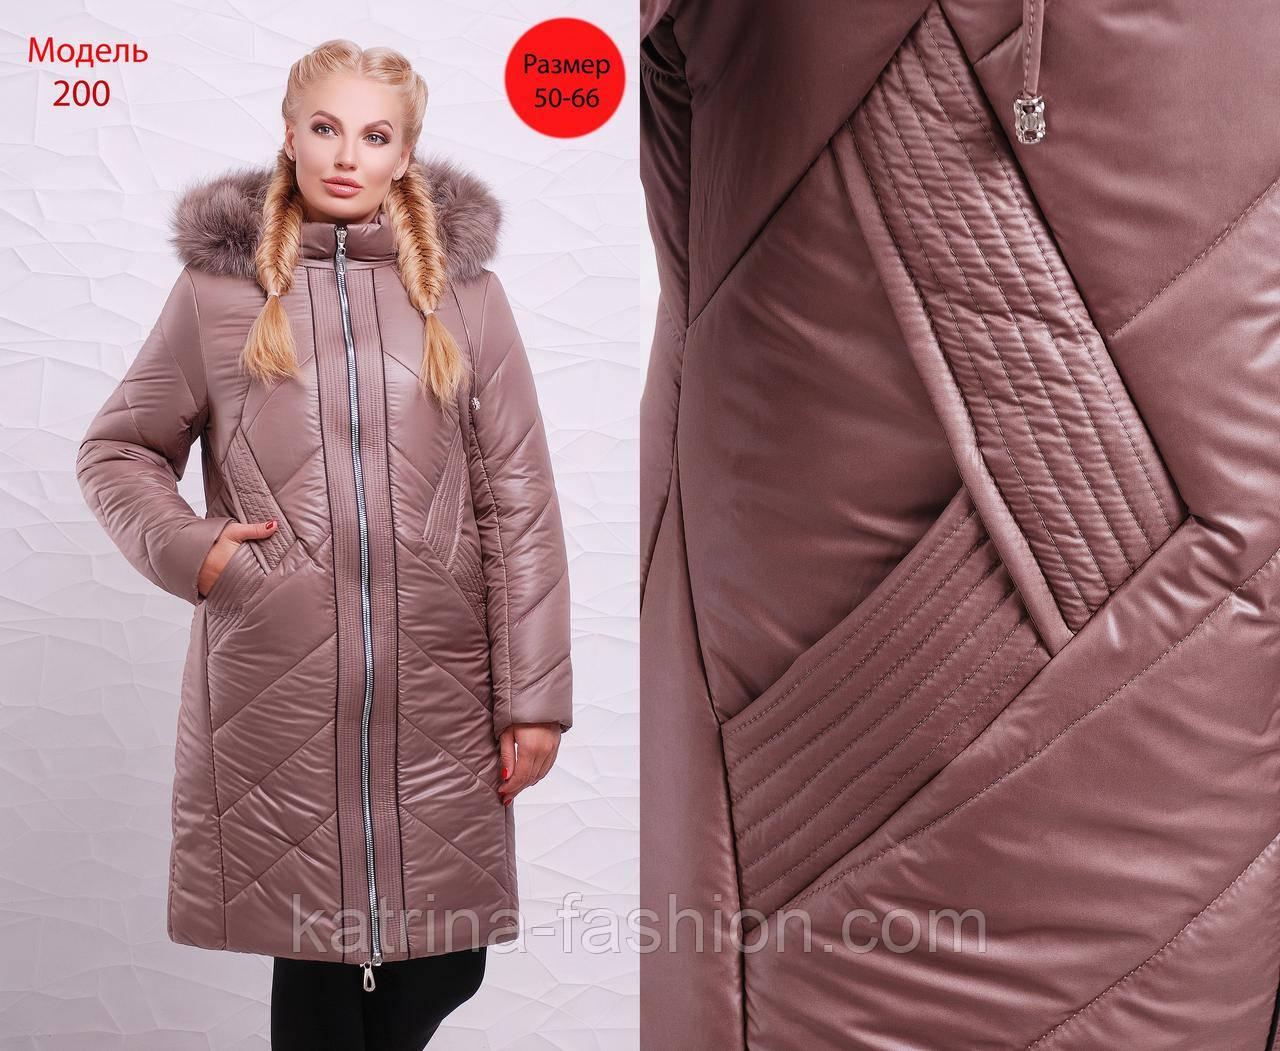 a2395c4ba90 Женское зимнее пальто (куртка) больших размеров в расцветках ...